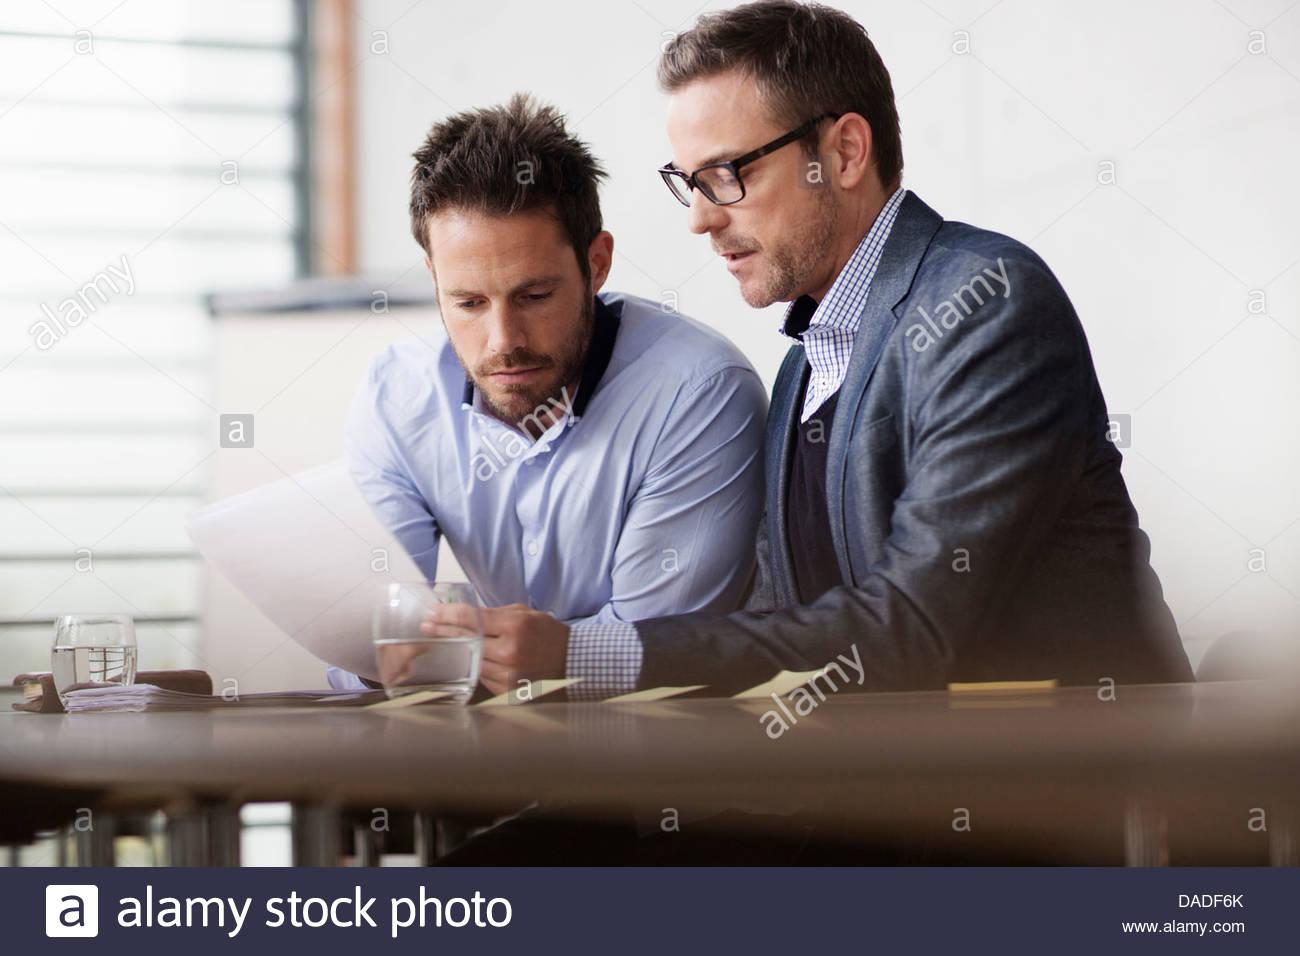 Zwei Männer in ernsthafte Diskussion Stockfoto